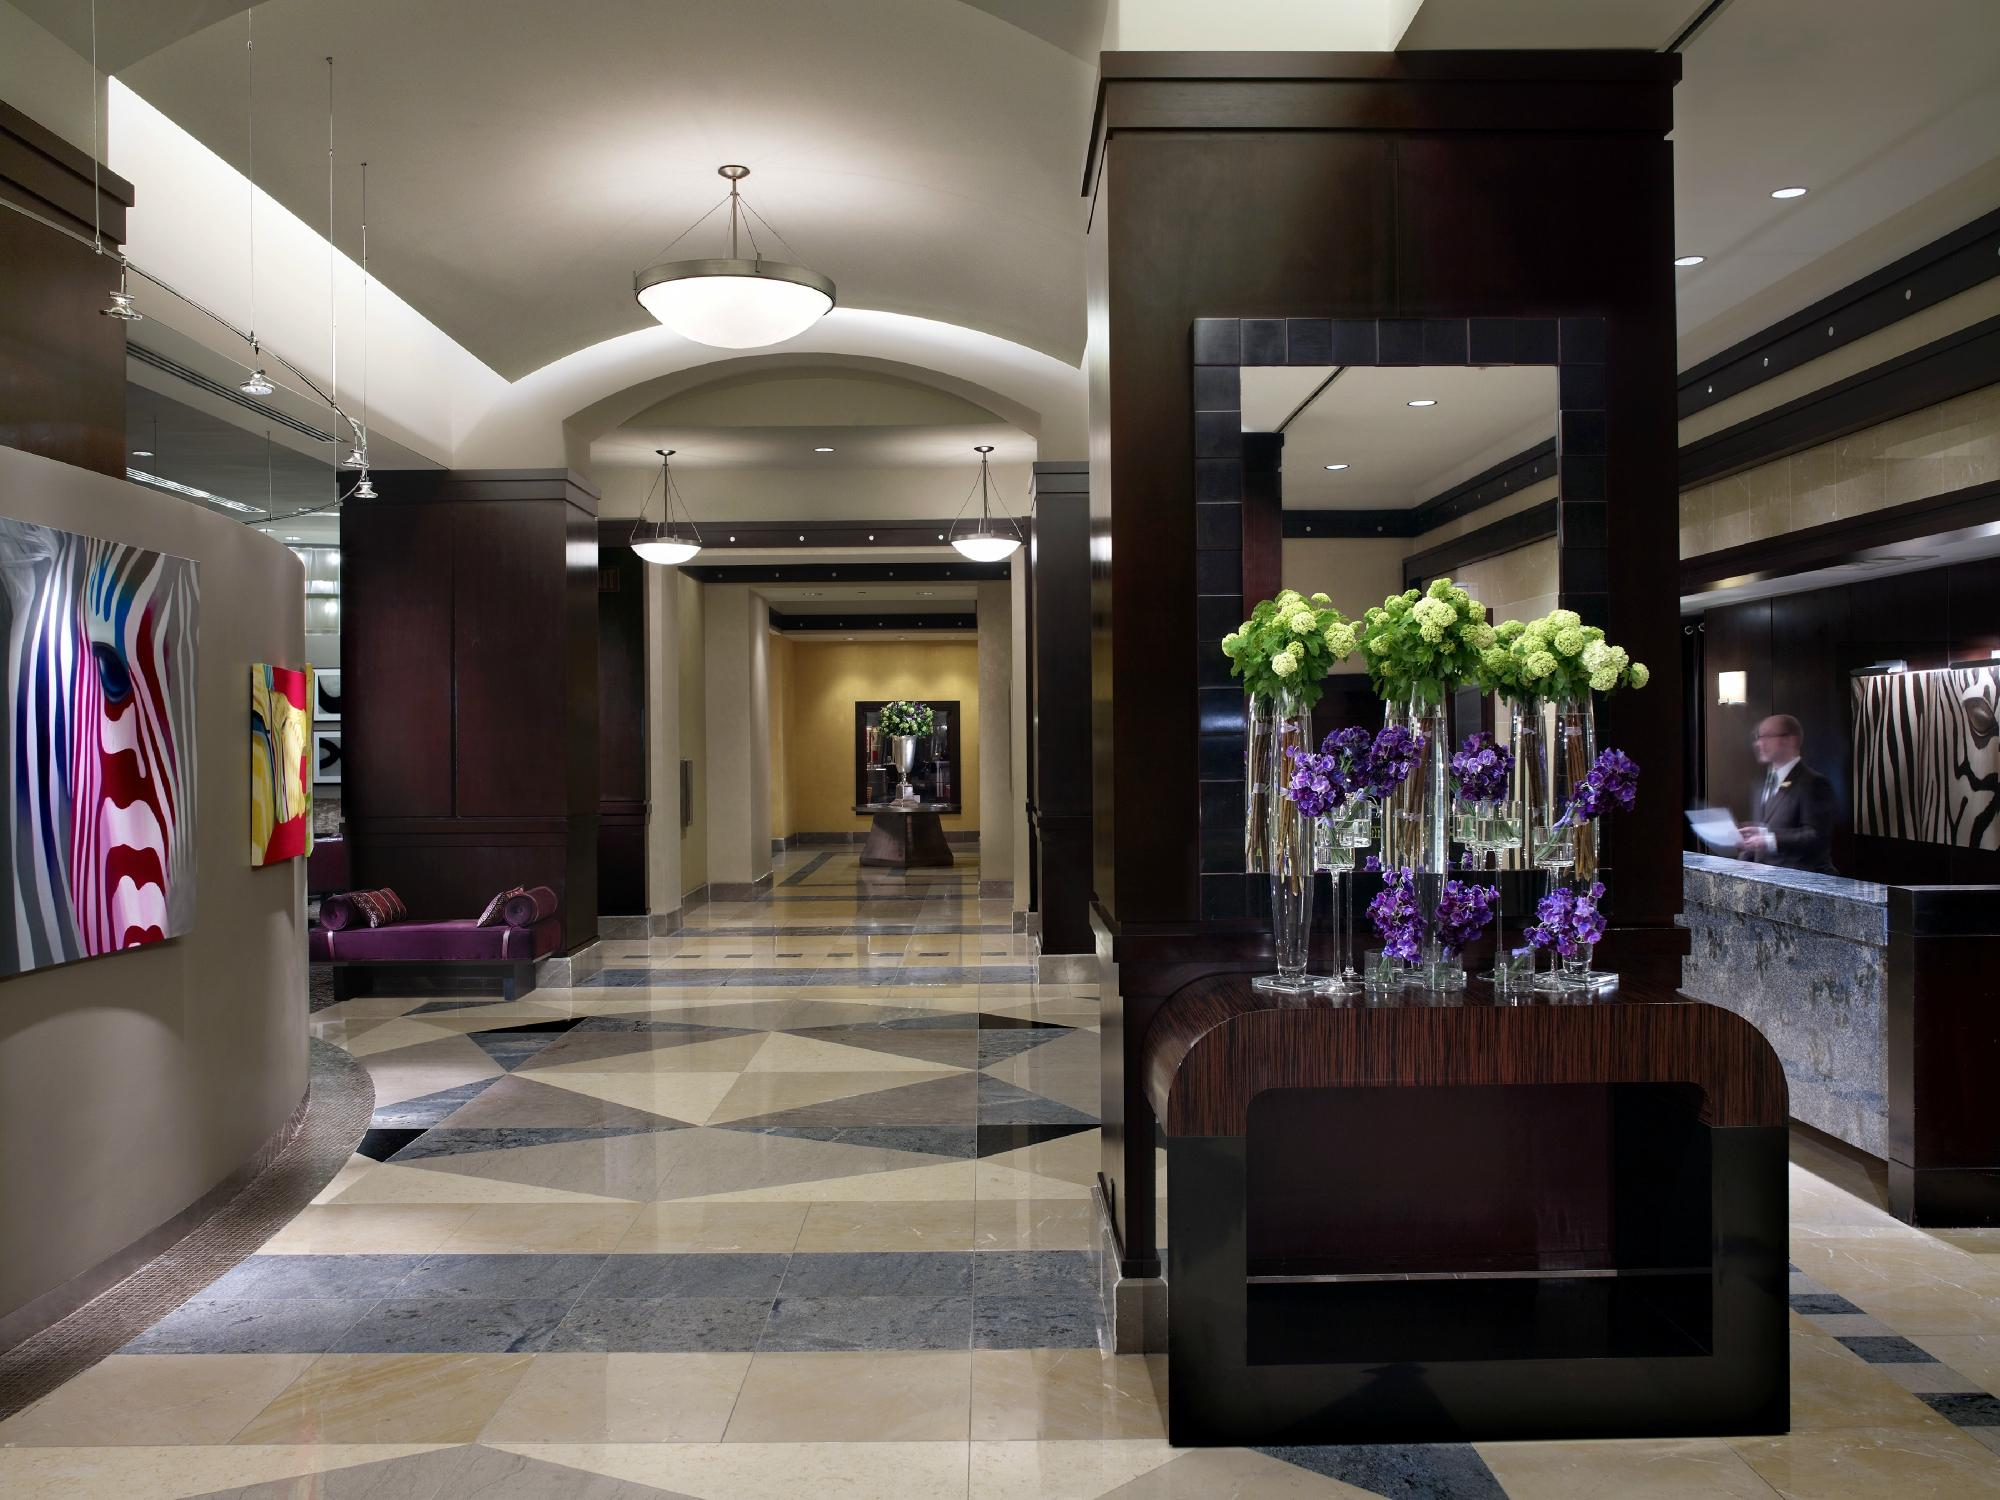 Sofitel Philadelphia Hotel (Filadélfia): 718 fotos 24 avaliações e  #744677 2000 1500